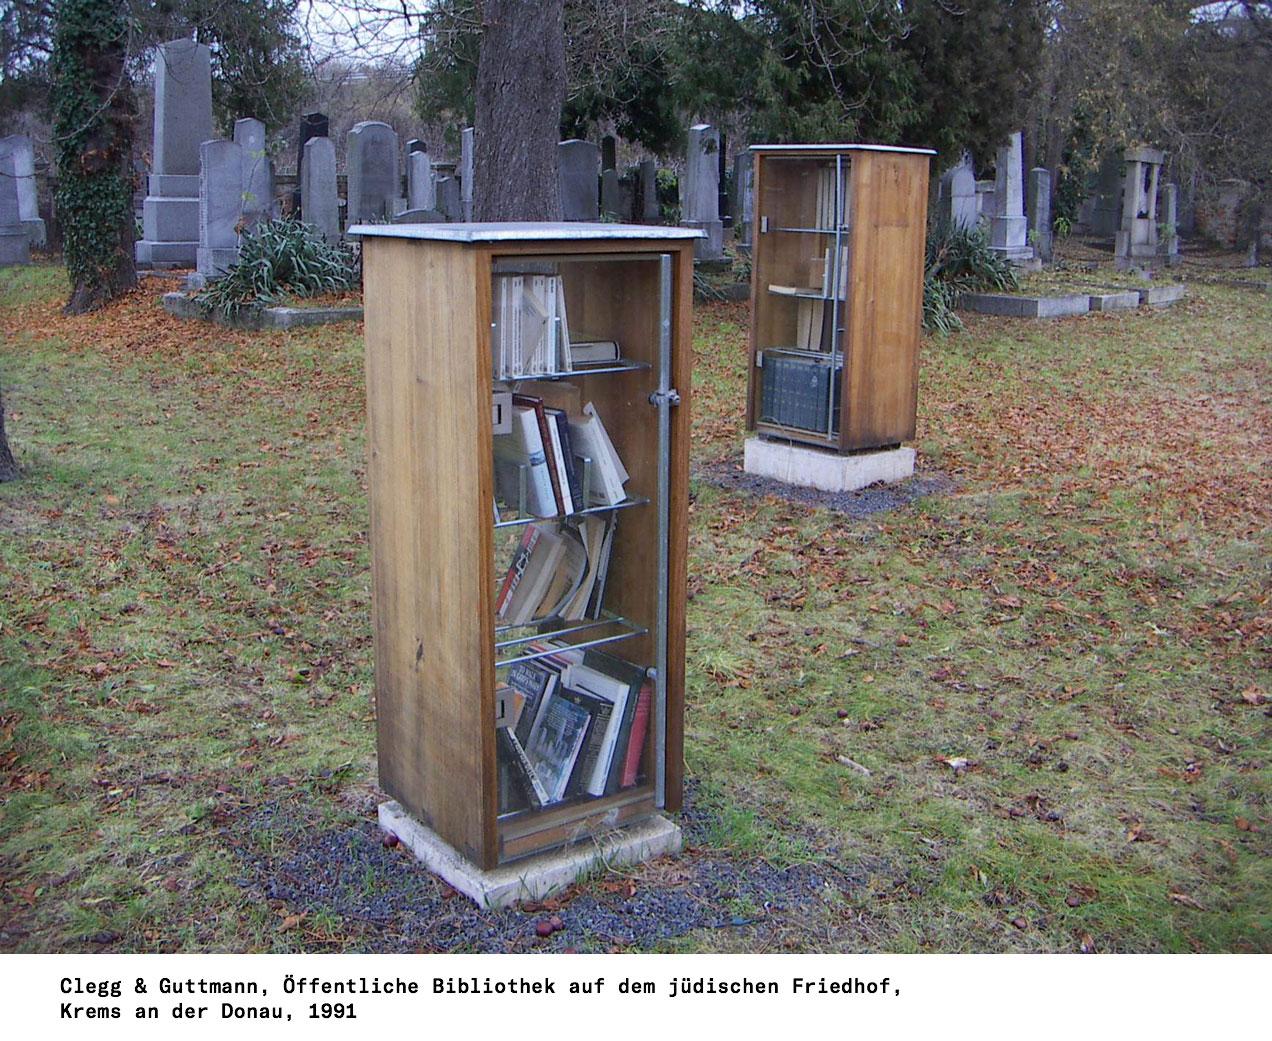 Jüdischer Friedhof Krems